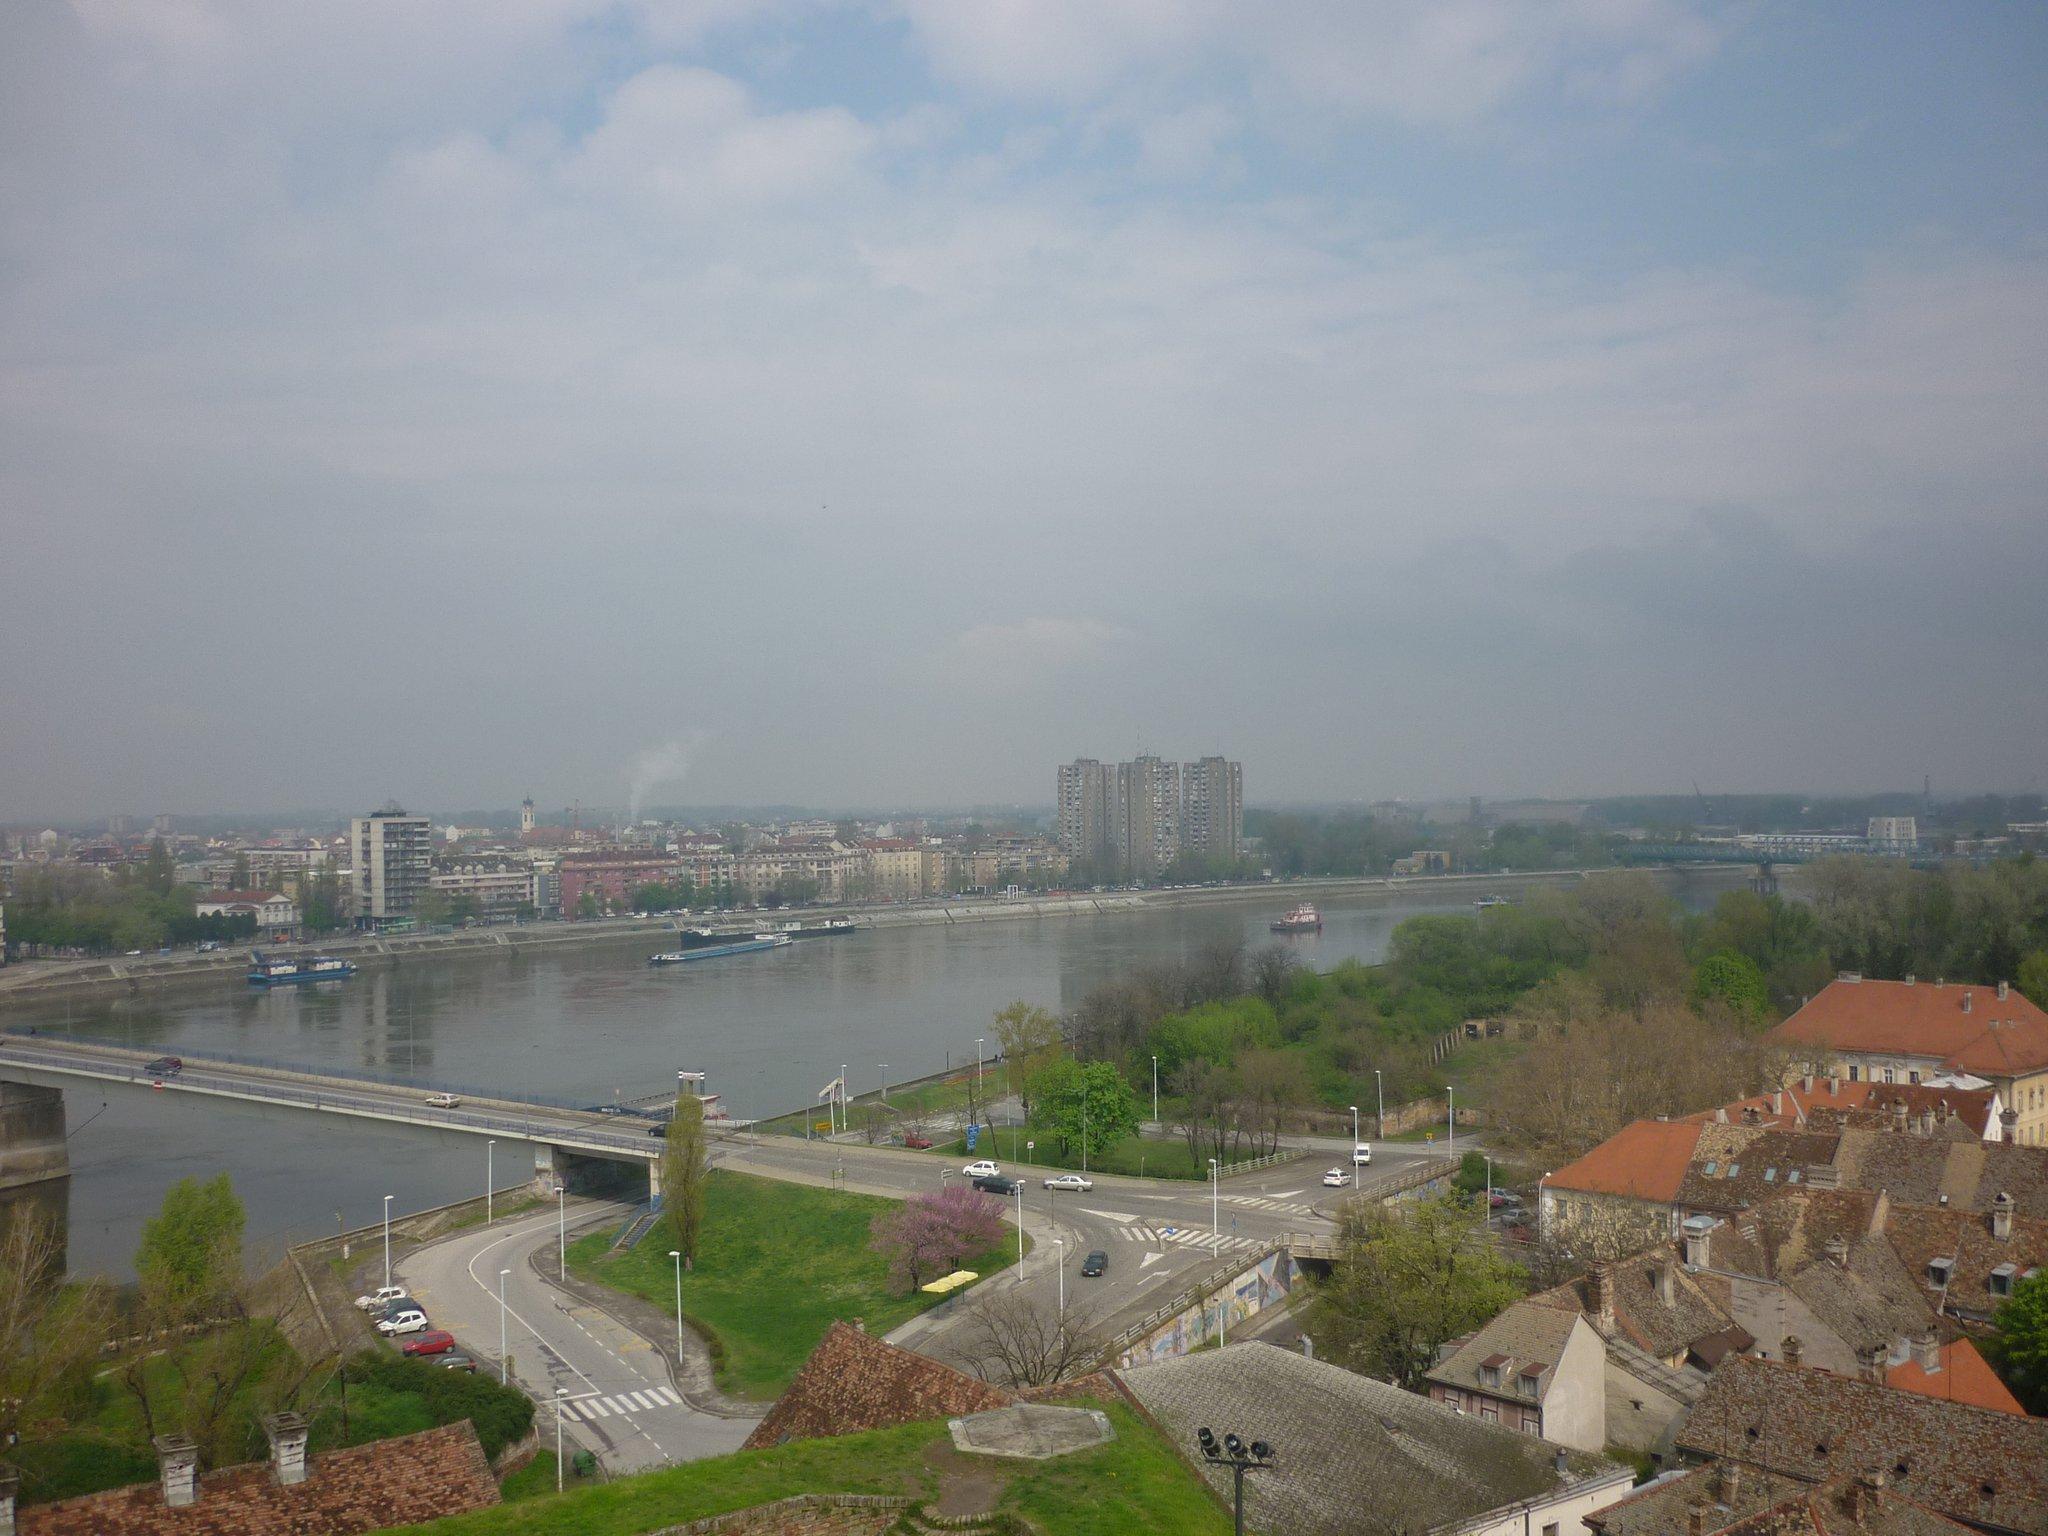 XVIII Republičko takmičenje saobraćajnih škola Srbije u Novom Sadu od 14.04. – 16.04.2011. godine